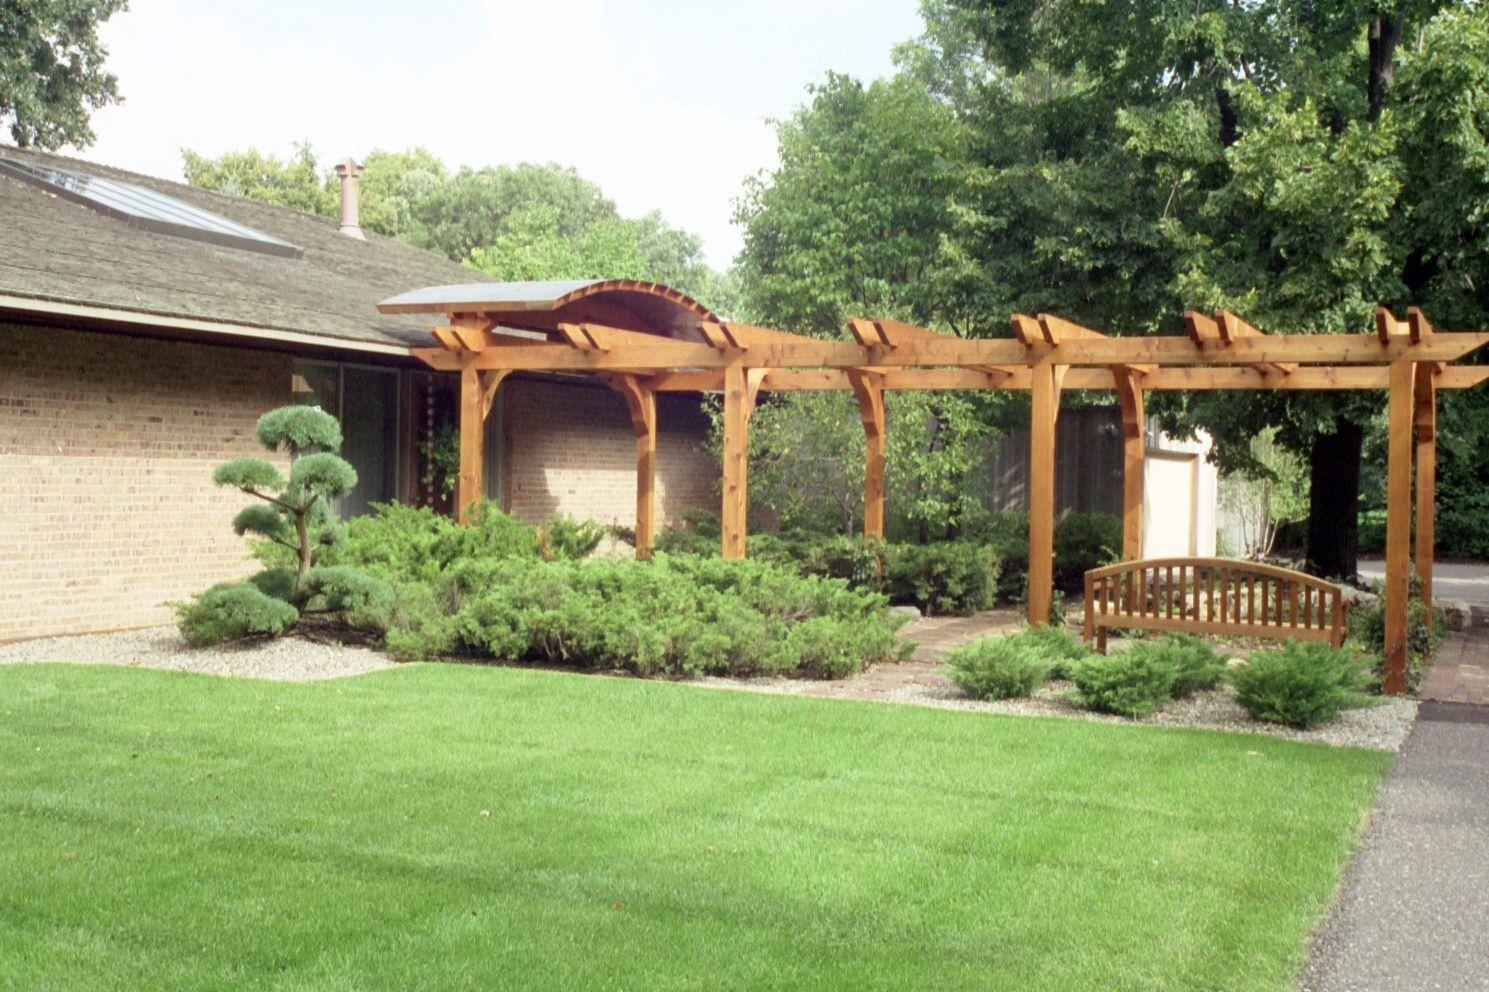 pergola entrance designs | Cedar Entry Arbor with Copper Roof ... on garden trellis arbor privacy, garden entry doors, garden entry landscaping, garden entry window, garden entry paving, garden entry path,